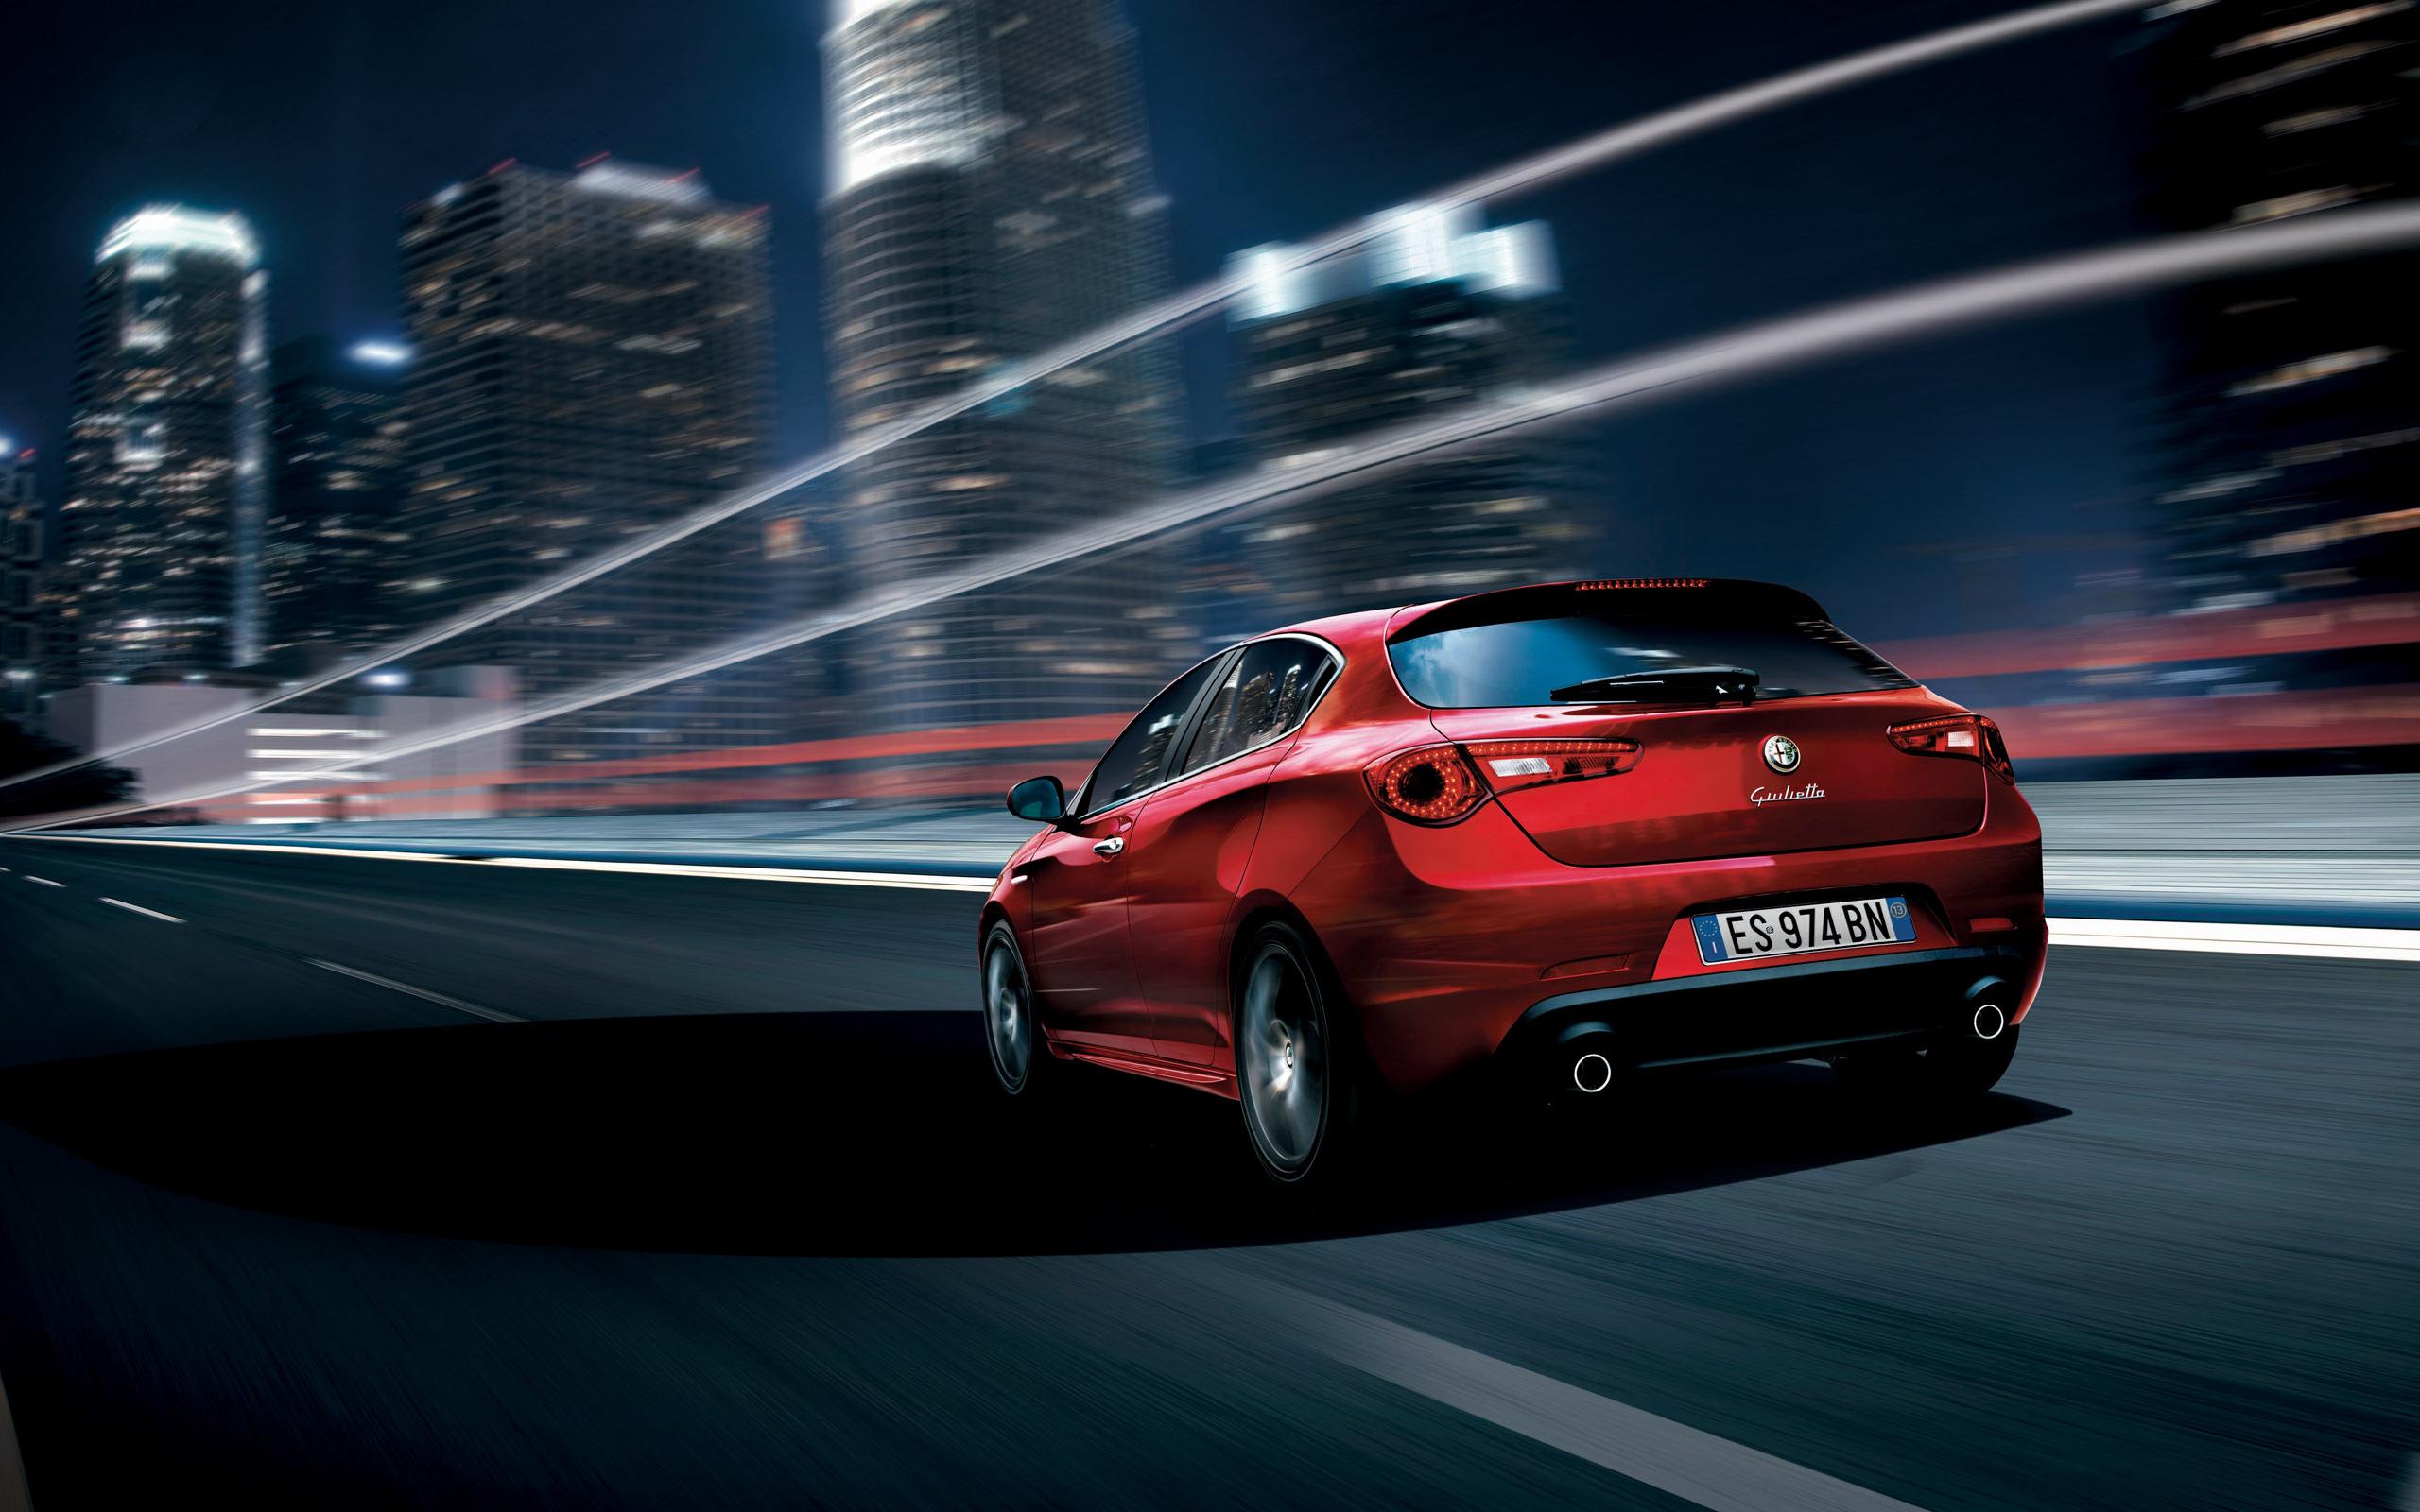 2014 Alfa Romeo Giulietta hd wallpaper | 2560x1600 ...